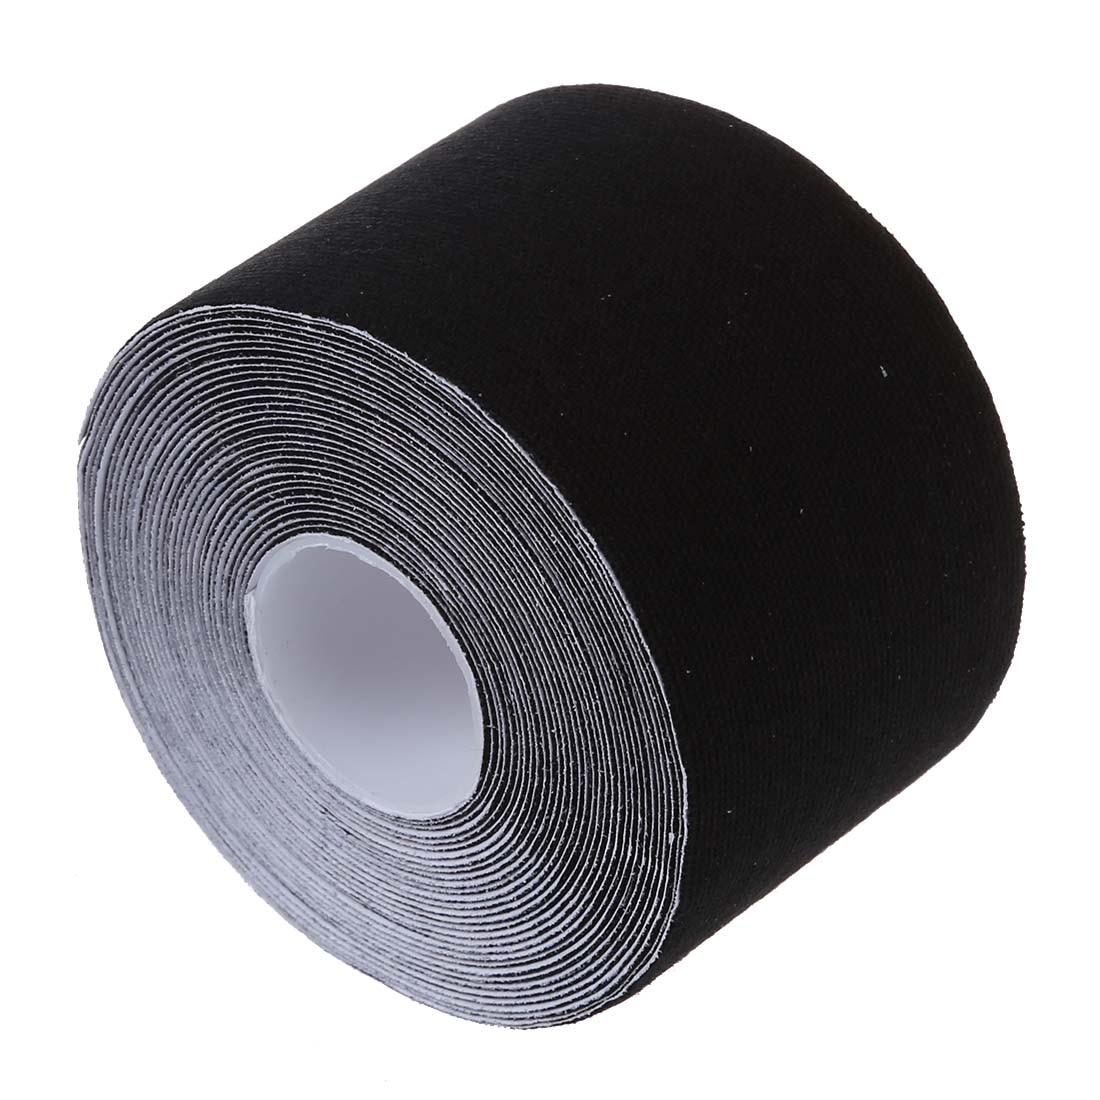 5 компл. продажа 1 рулон Спортивной Кинезиологии мышцы уход Фитнес спортивные здоровья ленты 5 м * 5 см-черный